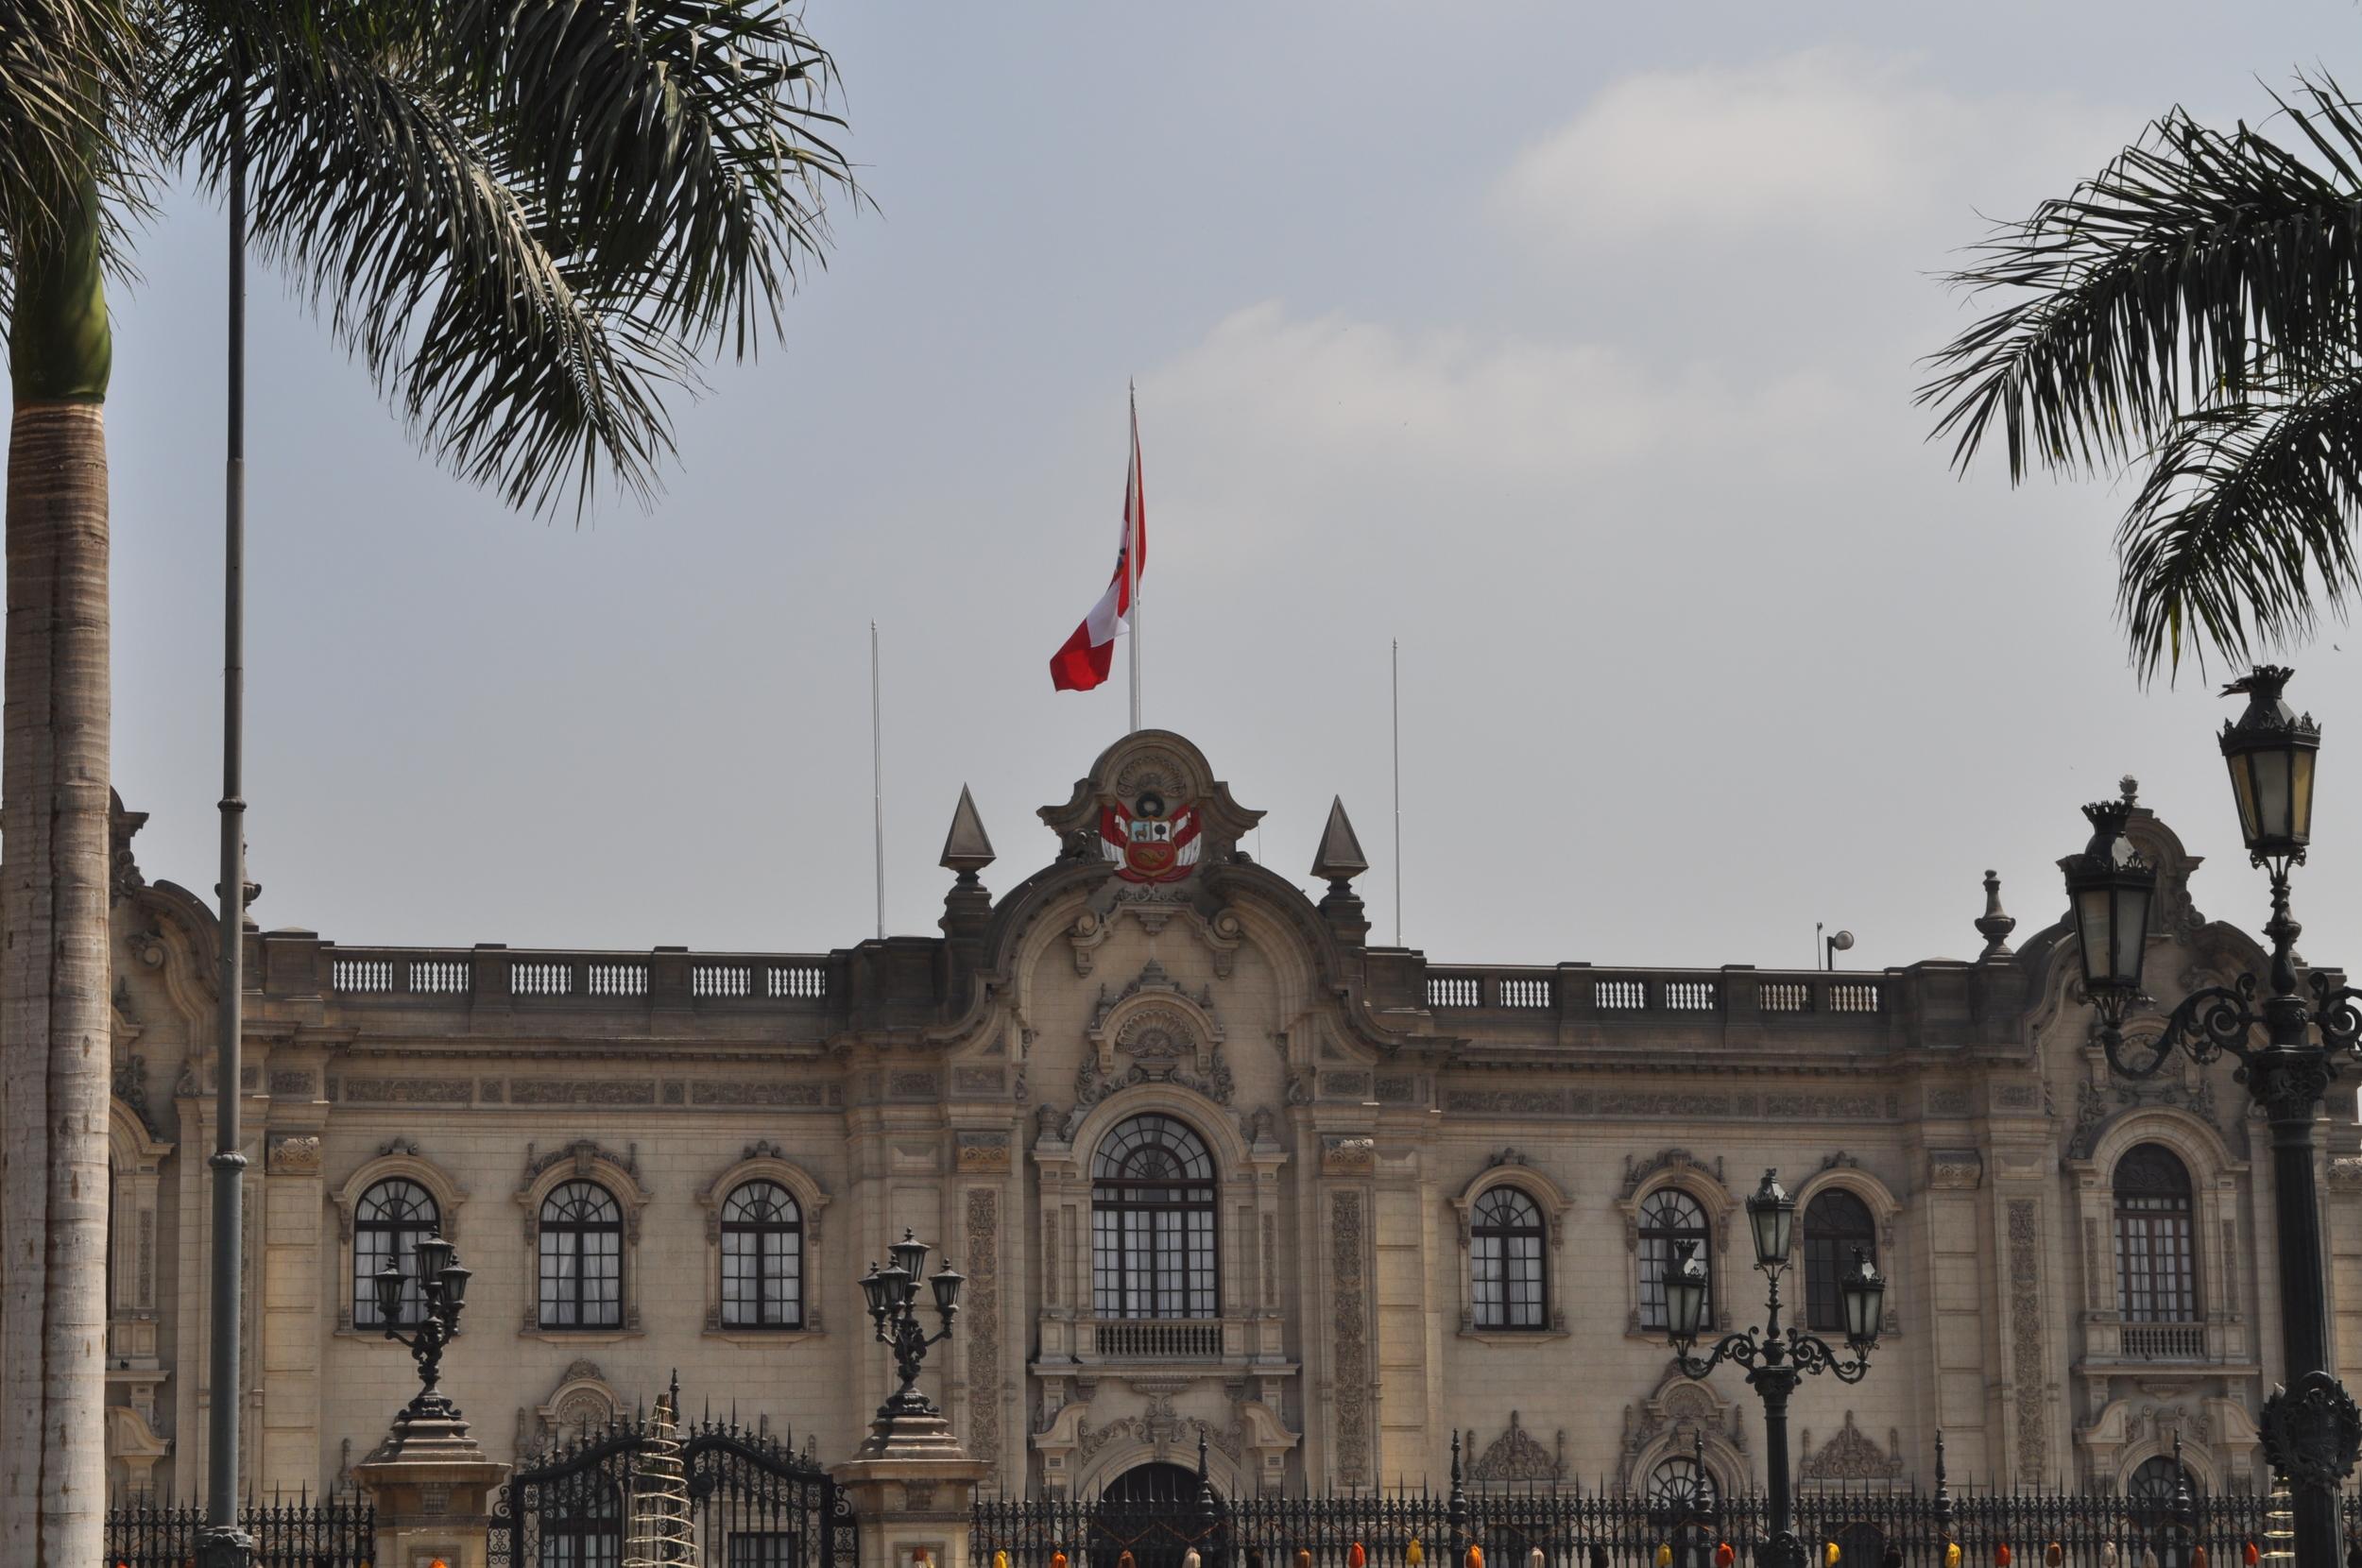 El Palacio de Gobierno de Lima. Foto: Pamy Rojas